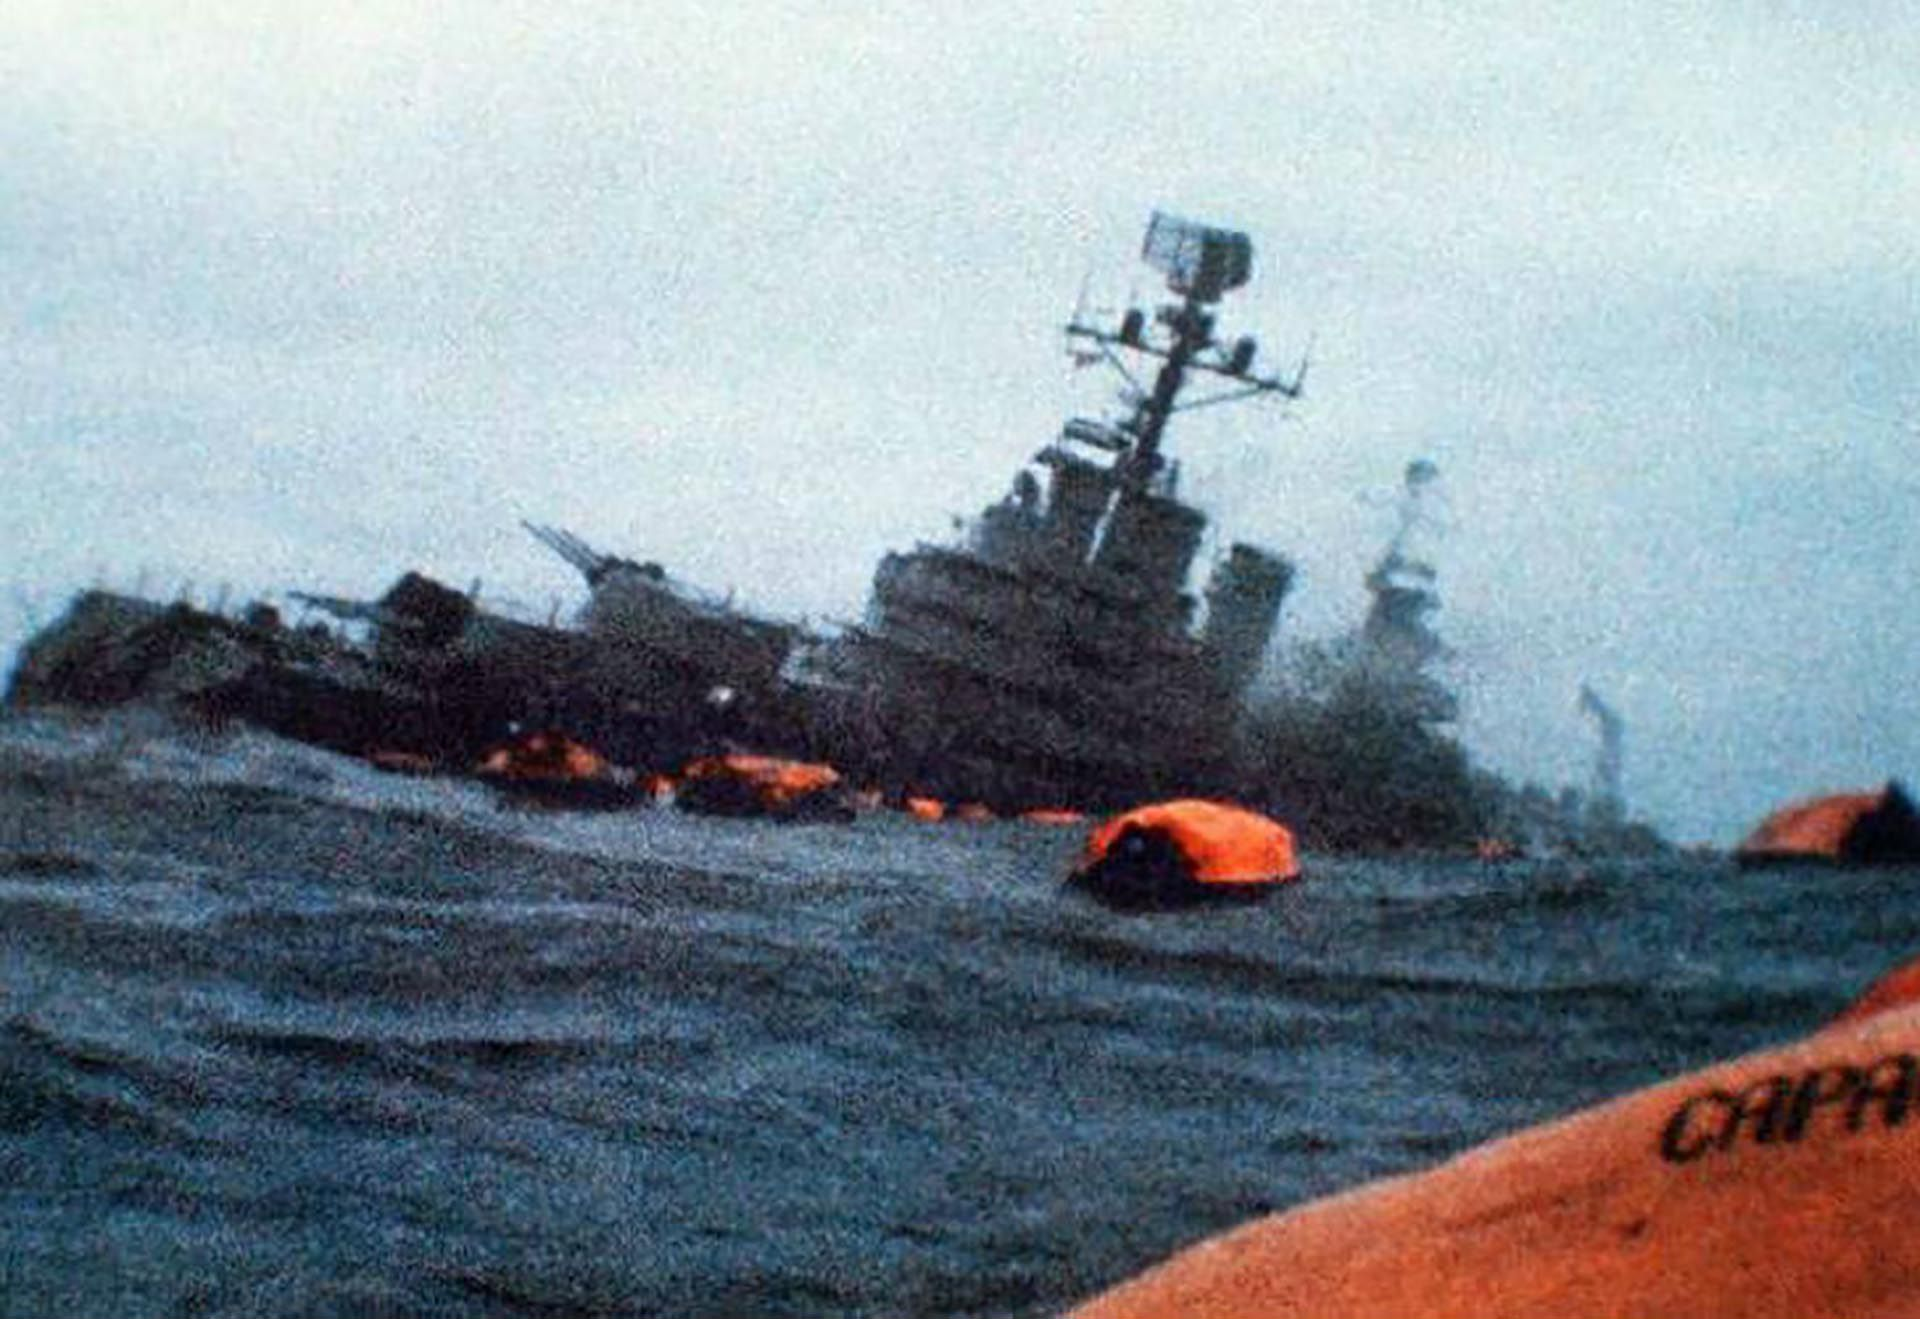 Una de las imágenes que dieron la vuelta al mundo: el Belgrano es abandonado y escorado a babor comienza a ser devorado por el océano